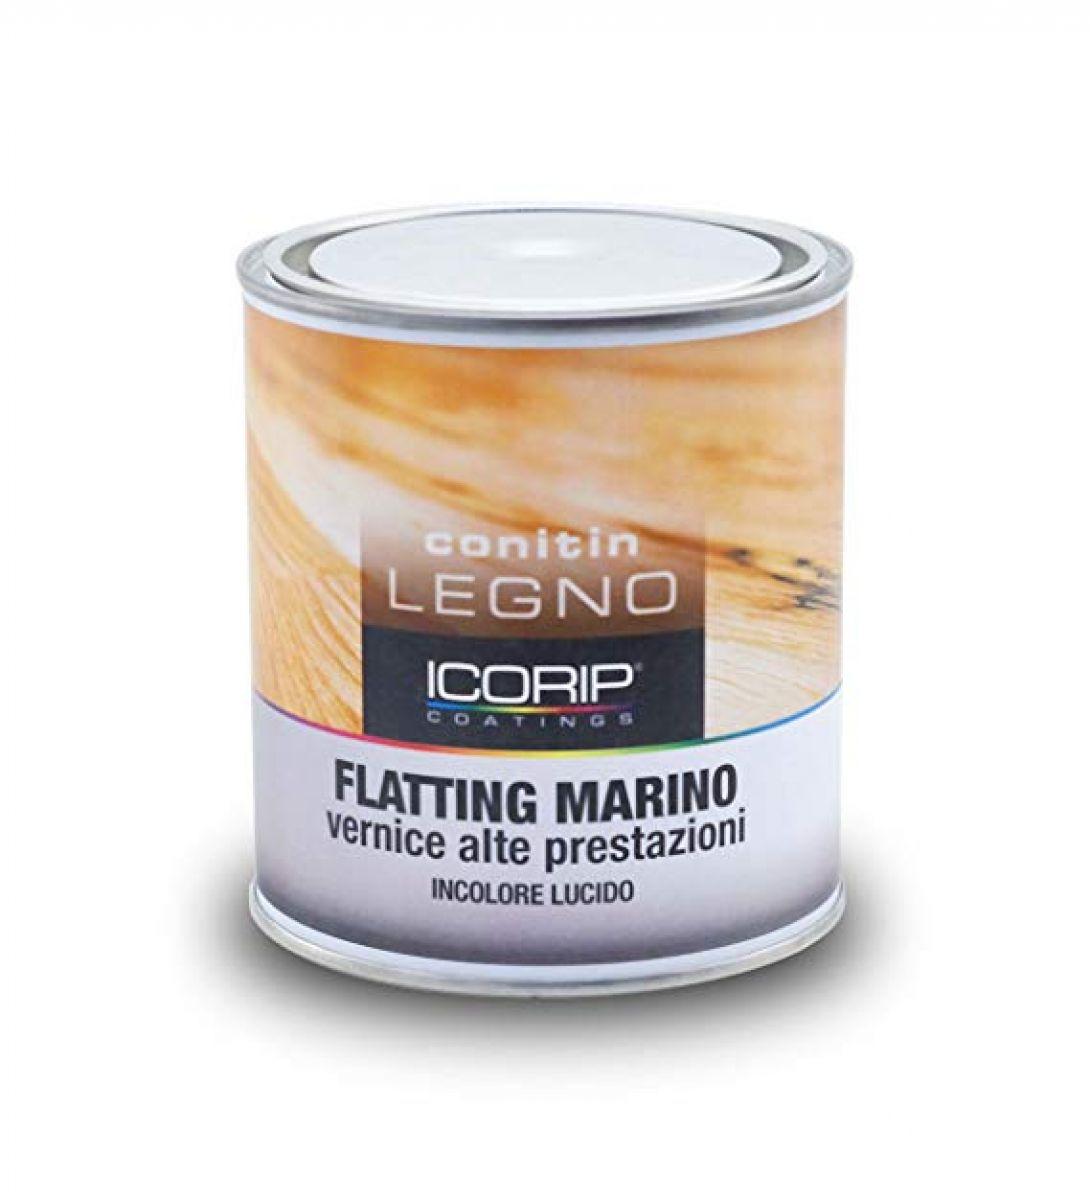 FLATTING MARINO  INCOLORE LUCIDO  750ml Vernice uretanizzata trasparente ad alte prestazioni, resistente agli agenti atmosferici